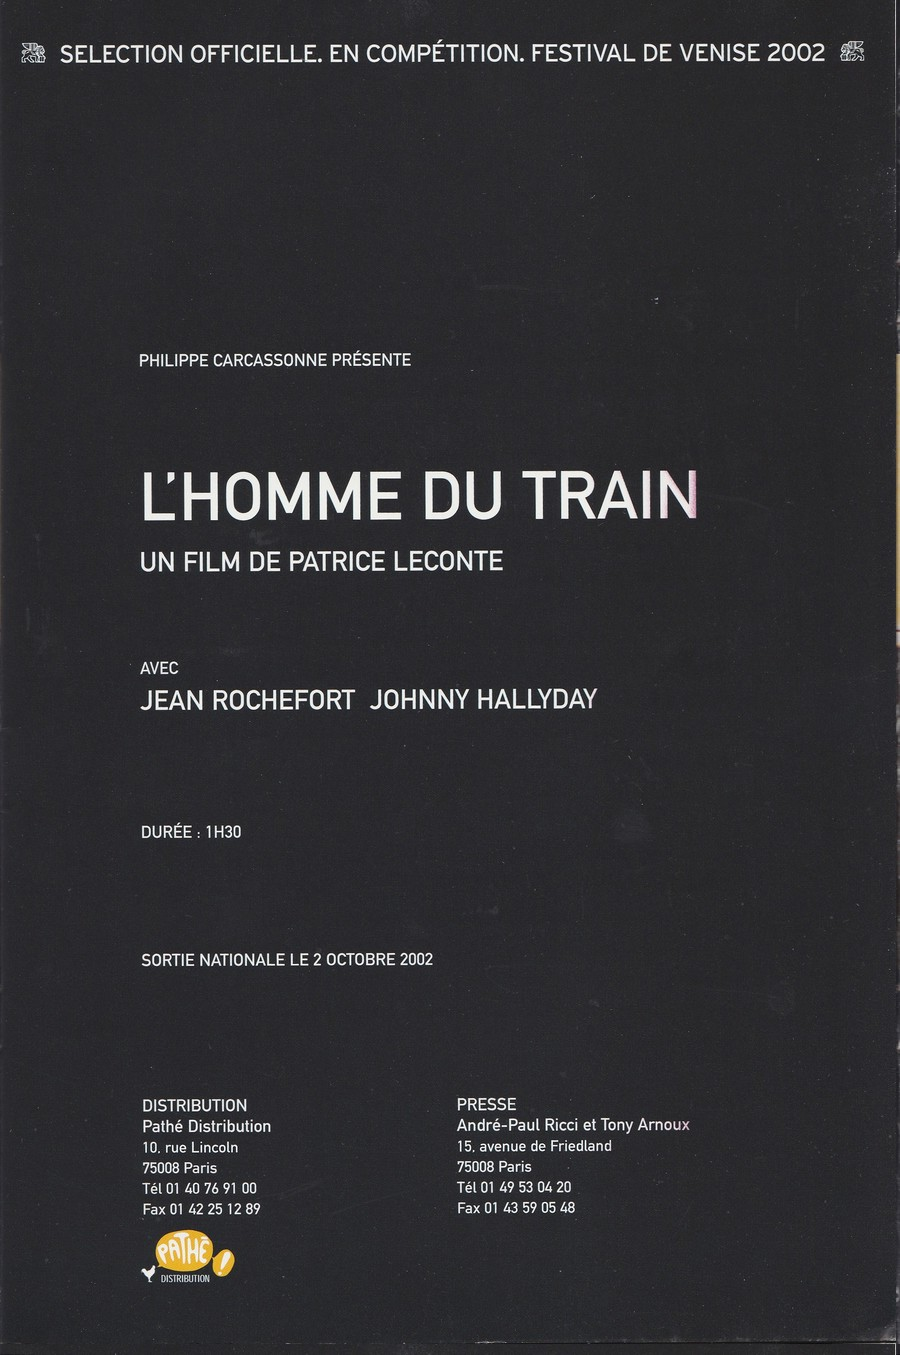 LES FILMS DE JOHNNY 'L'HOMME DU TRAIN' 2002 Img_2736